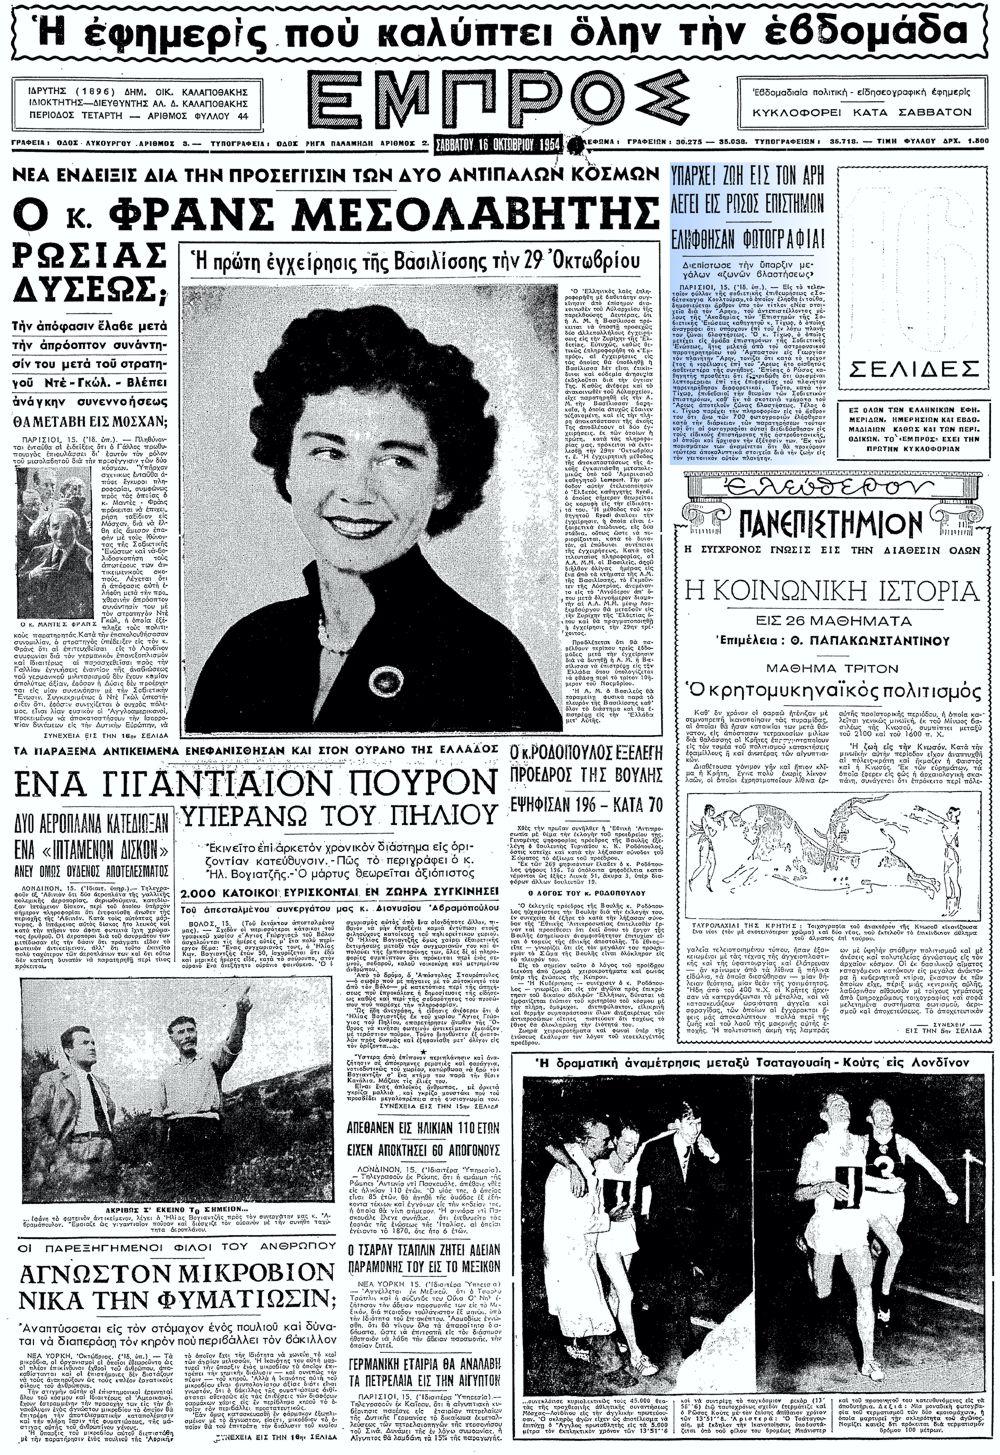 """Το άρθρο, όπως δημοσιεύθηκε στην εφημερίδα """"ΕΜΠΡΟΣ"""", στις 16/10/1954"""